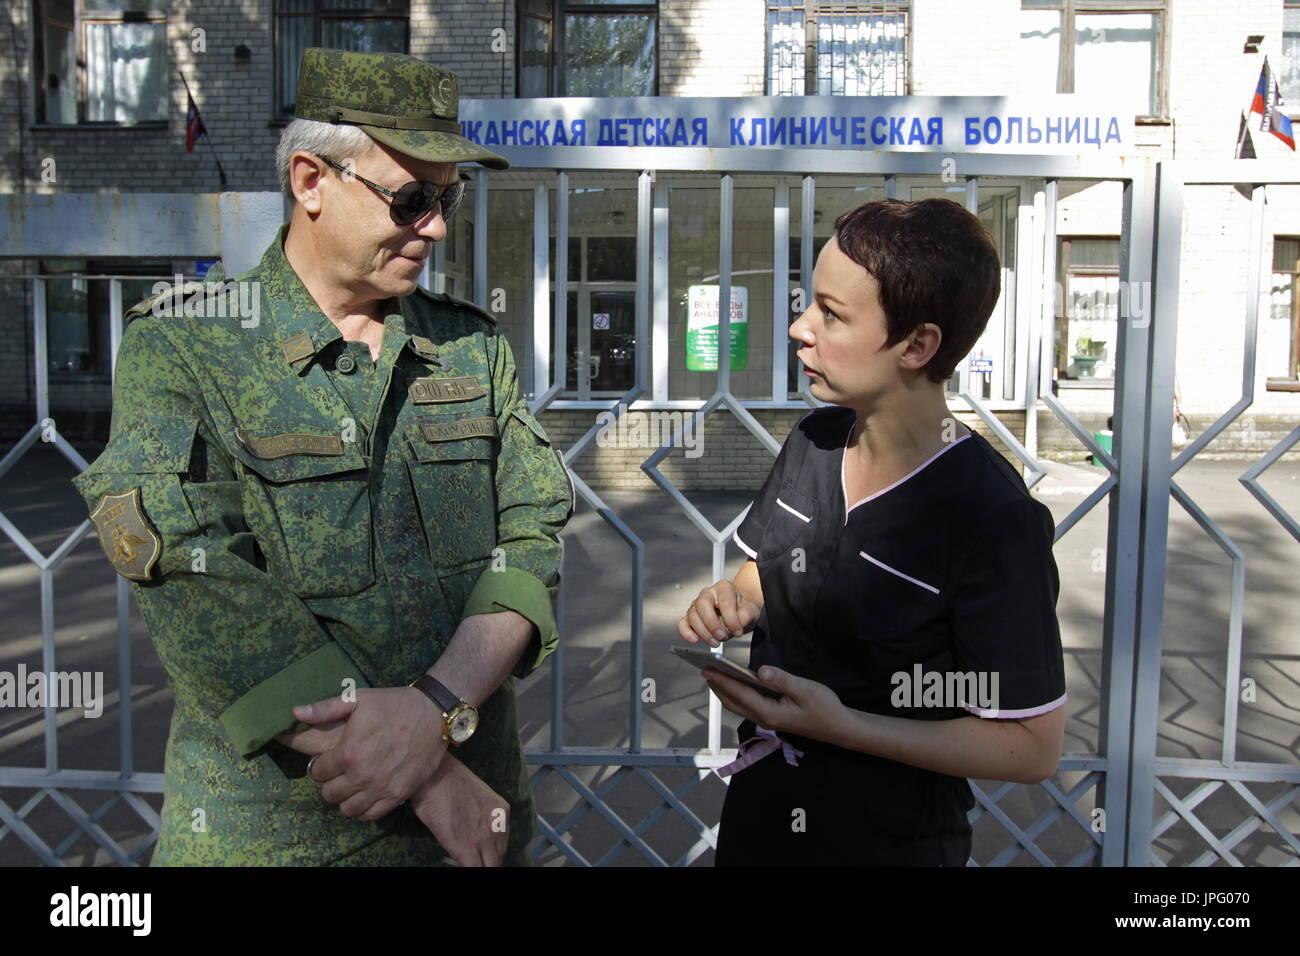 """Donetsk, Ukraine. 1er août 2017. Le commandant adjoint de la République populaire de Donetsk est le commandement opérationnel, Eduard Basurin (L), et Natalya Avilova, chef de l 'aide pour le sud-est de l'Ukraine"""" et """"pour les enfants de la Syrie, des projets à l'Hôpital clinique des enfants républicaine à Donetsk, une ville de l'Ukraine est contrôlé par la République populaire de Donetsk; sept enfants en difficulté sont envoyés pour traitement à la Russie par Spravedlivaya Pomoshch Doktora Lizy, une organisation caritative internationale. Credit: Valentin/Sprinchak TASS/Alamy Live News Banque D'Images"""